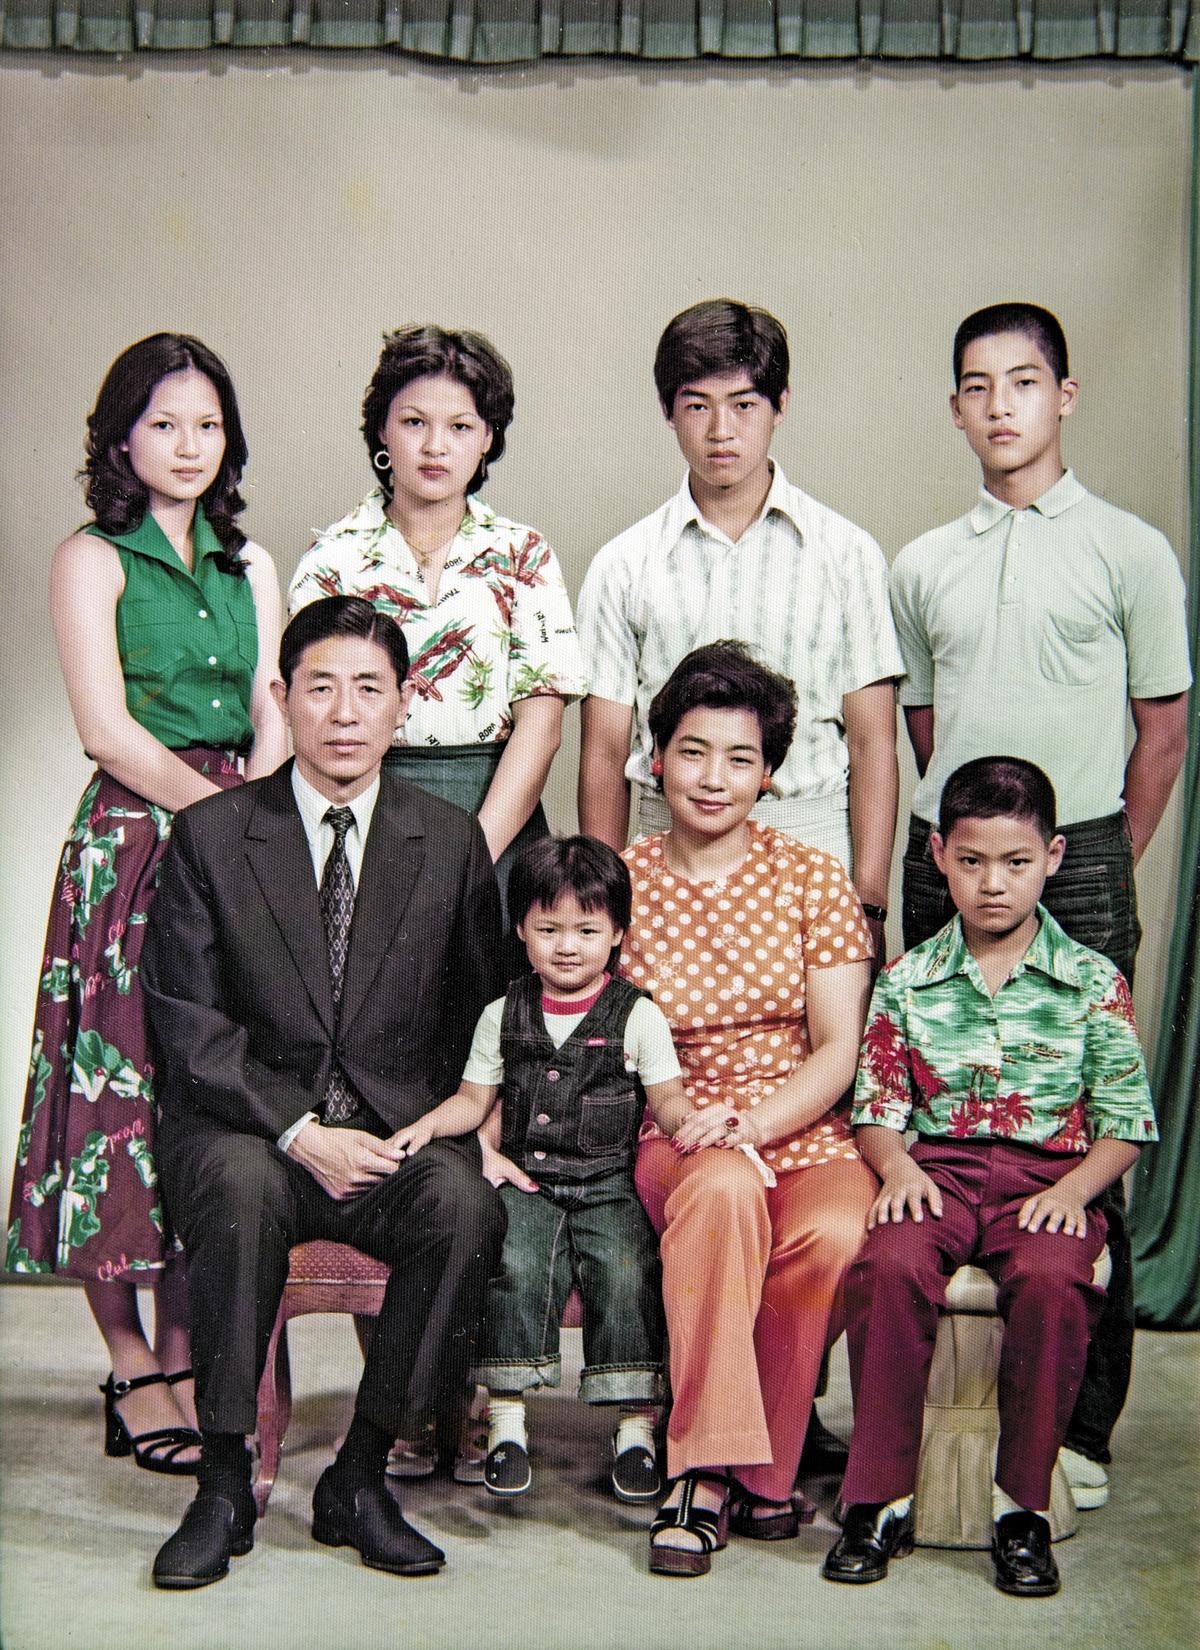 陳天璽(前排左二)幼年時的全家福。(陳天璽提供)